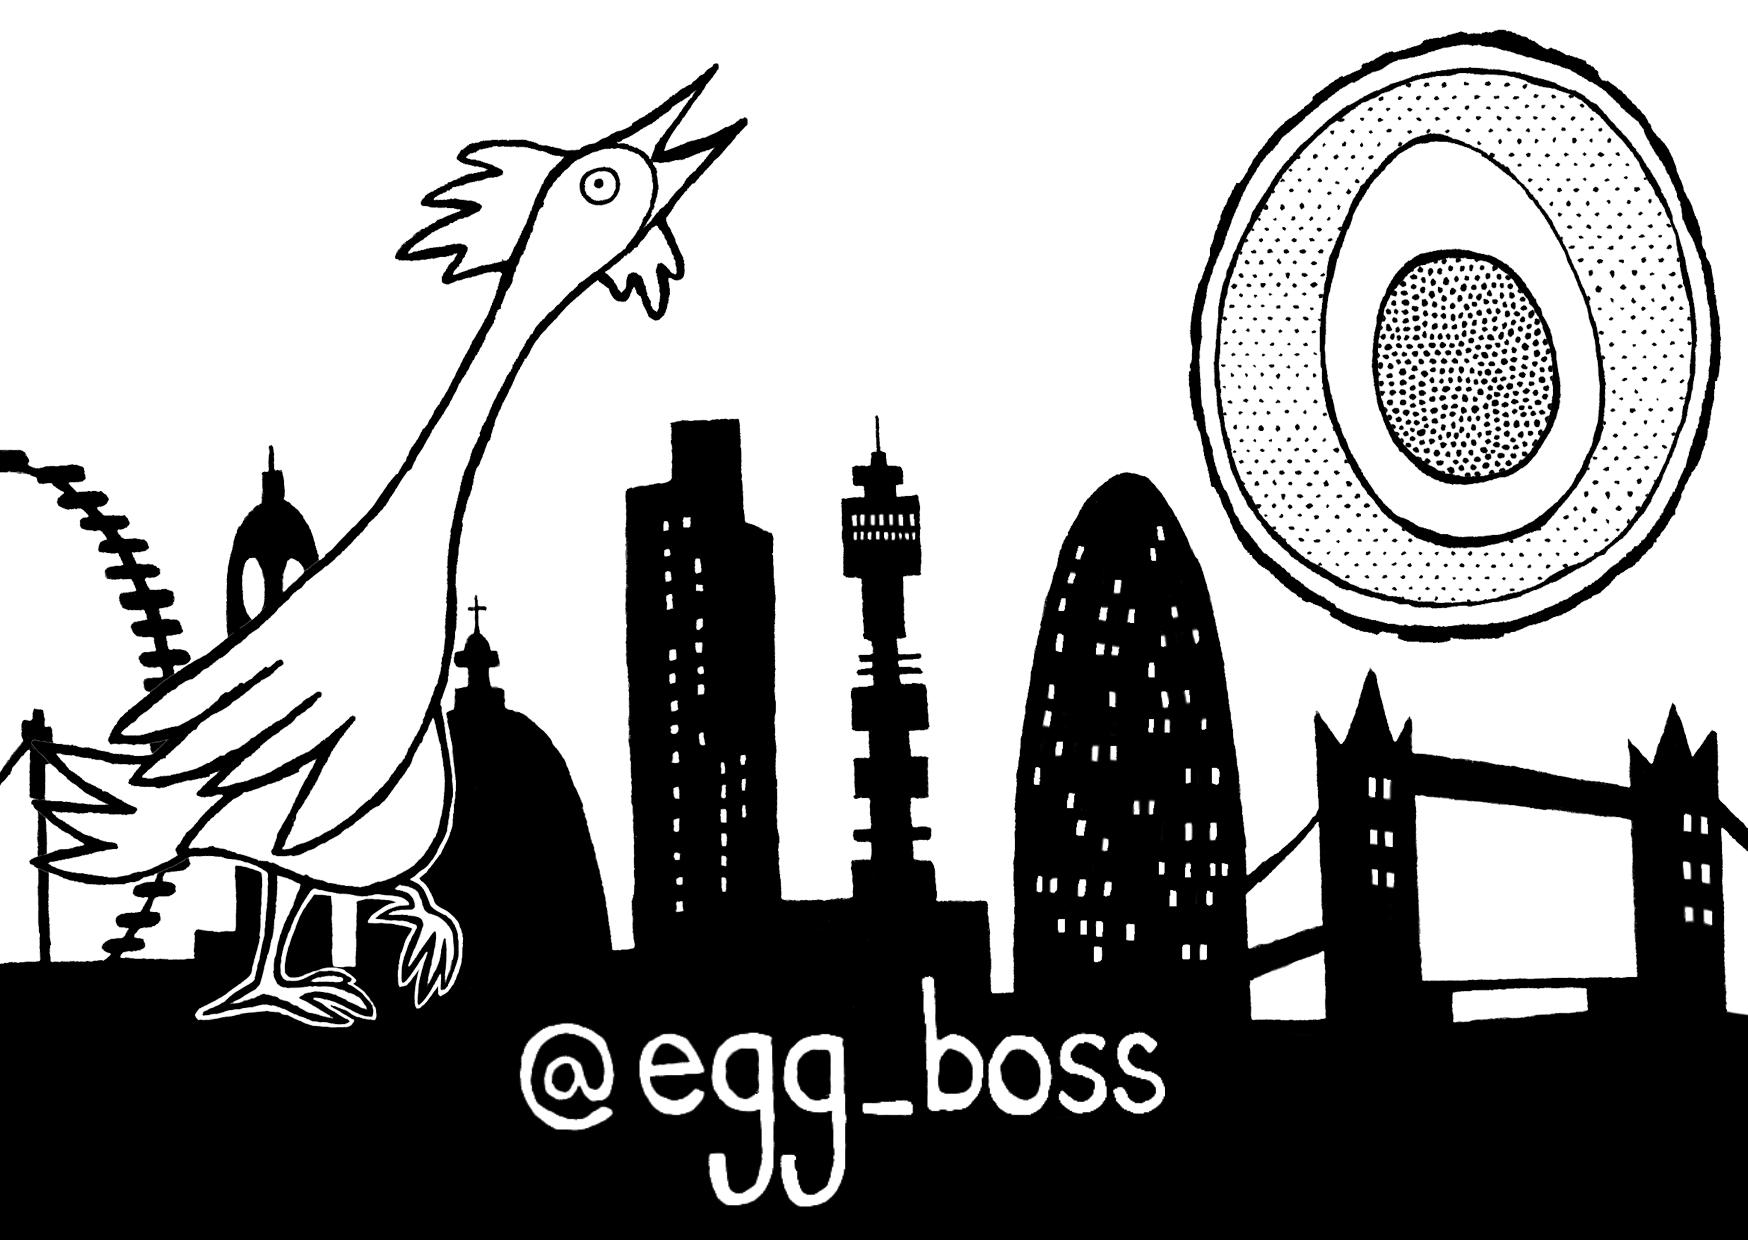 egg logo1